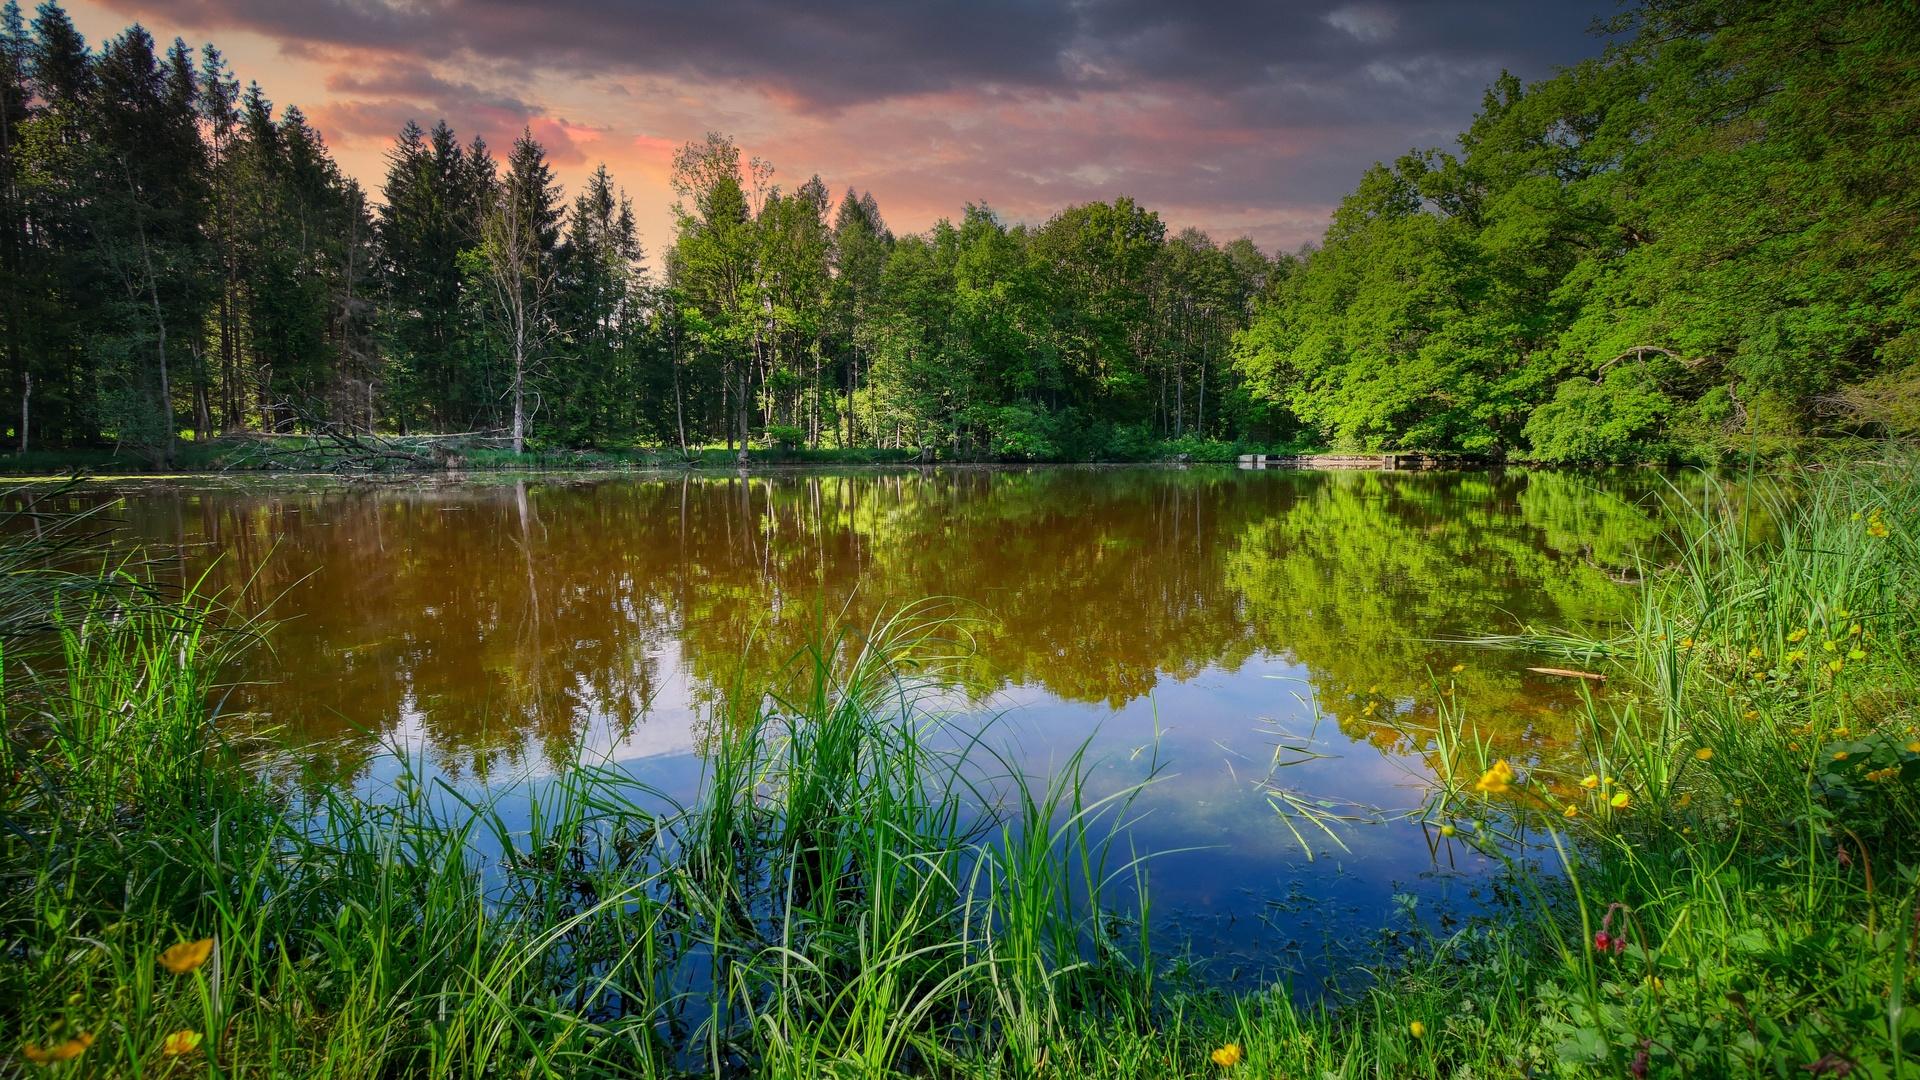 озеро, пруд, болото